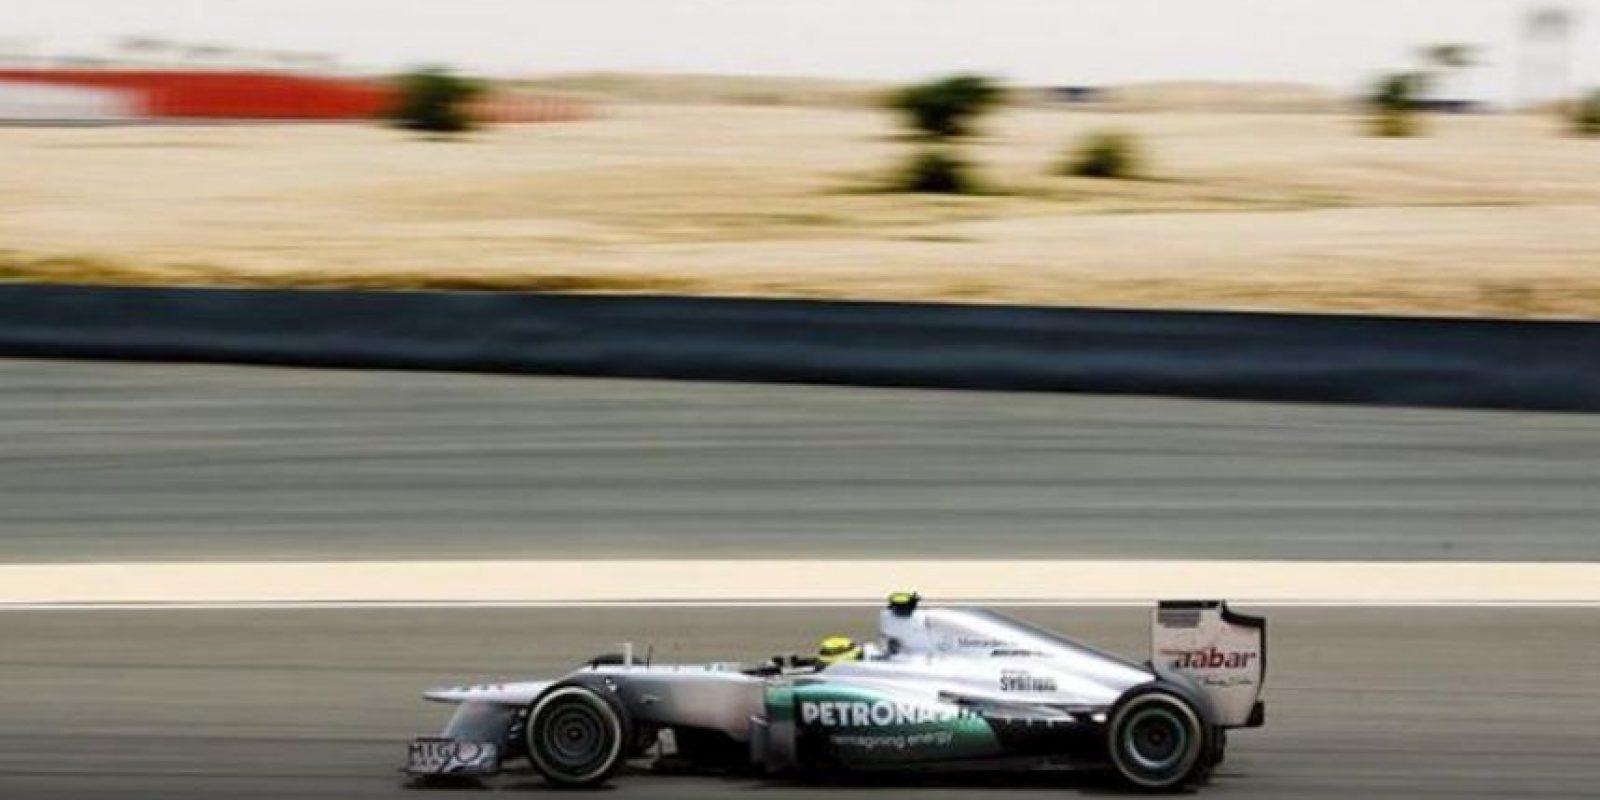 El piloto alemán de Fórmula Uno Nico Rosberg, de Mercedes AMG, conduce su monoplaza durante la primera sesión de entrenamientos libres para el Gran Premio de Baréin de Fórmula Uno en el circuito Sakhir. El Gran Premio de Baréin de Fórmula Uno se disputa el domingo 22 de abril. EFE